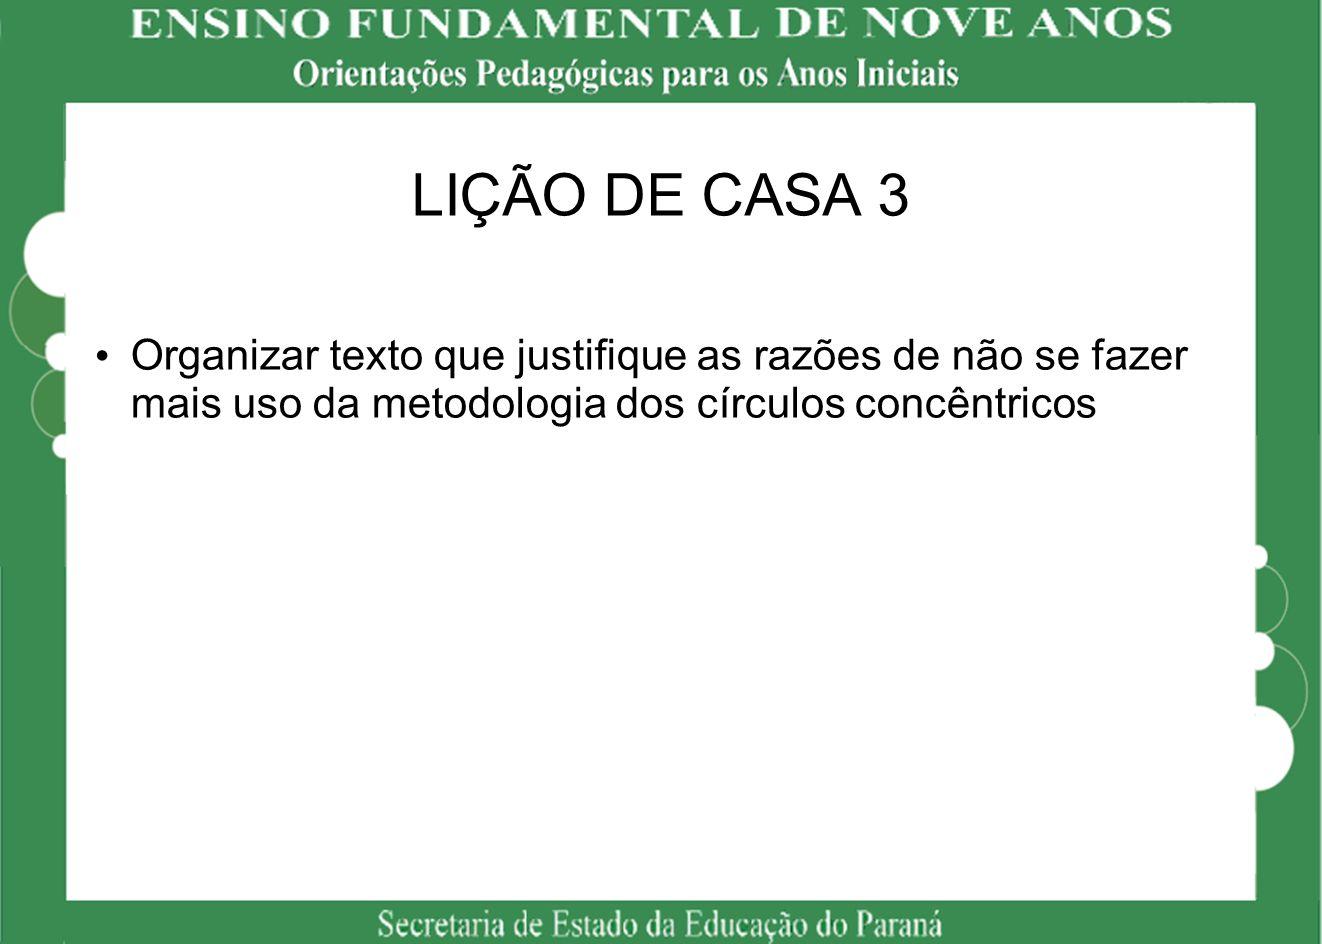 LIÇÃO DE CASA 3 Organizar texto que justifique as razões de não se fazer mais uso da metodologia dos círculos concêntricos.